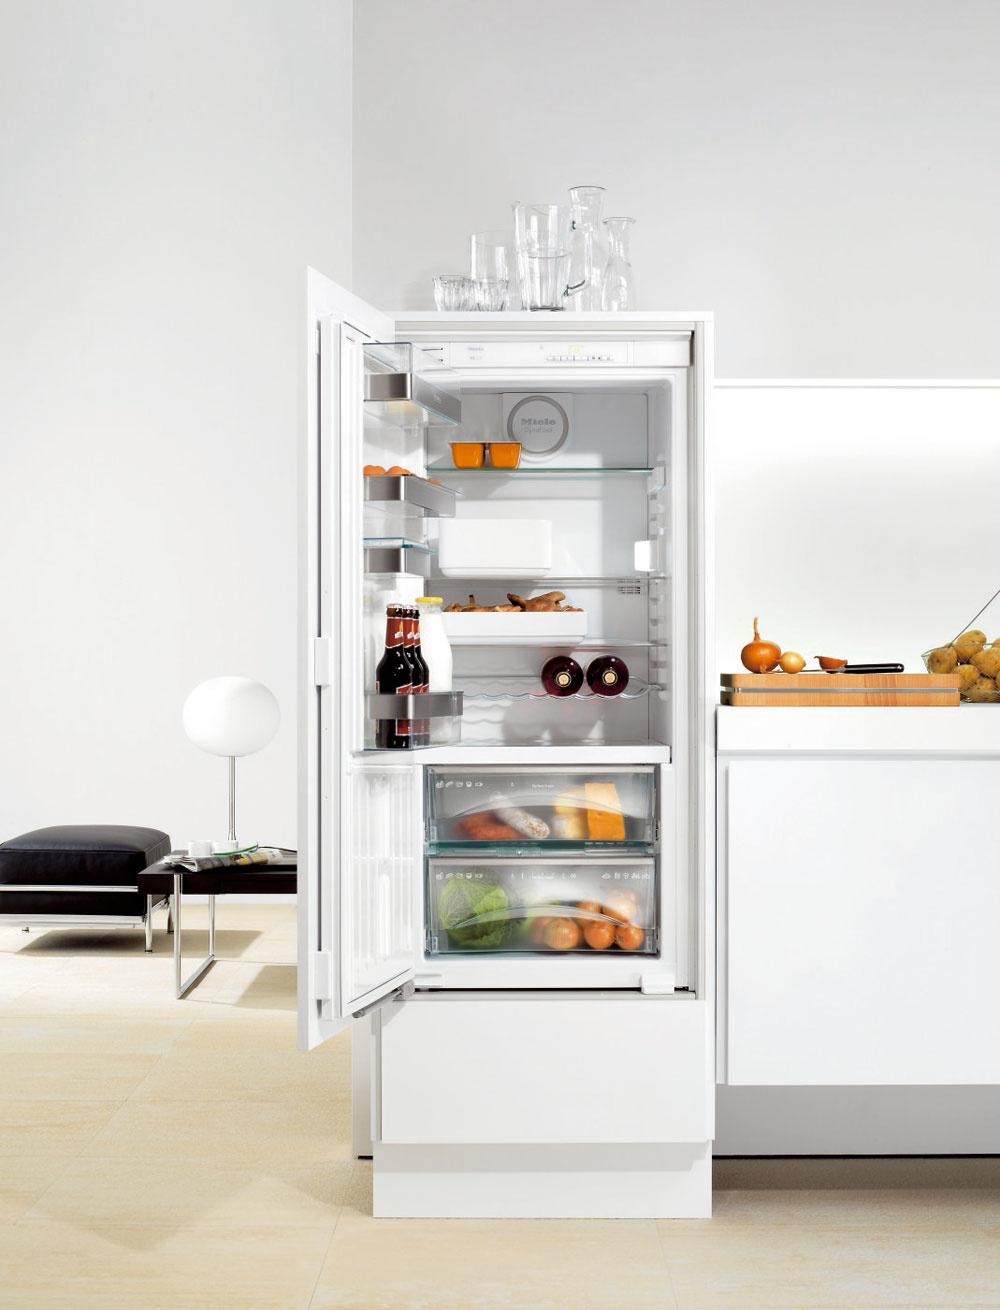 Zabudovateľná monoklimatická chladnička Miele K9457 iD-4, sobjemom 201 litrov (141/60) venergetickej triede A++, splnovýsuvnými zásuvkami. Zóna PerfectFresh (60 l) udrží potraviny až trikrát dlhšie čerstvé – dve výsuvné transparentné zásuvky na teleskopických koľajničkách (horná zásuvka využiteľná ako suchá zásuvka, spodná zásuvka regulovateľná ako suchá alebo vlhká). Systém DynaCool zaručuje rovnomerné rozloženie teploty. Poličky na vnútornej strane dvierok sú vyrobené zo špeciálneho vysokoodolného plastu amôžu sa umývať vumývačke, superchladenie, automatické odmrazovanie, vnútorné osvetlenie LED-diódami. Spotreba 121 kWh/rok (0,33 kWh/deň), hlučnosť 37 dB. Cena 1 220 €.